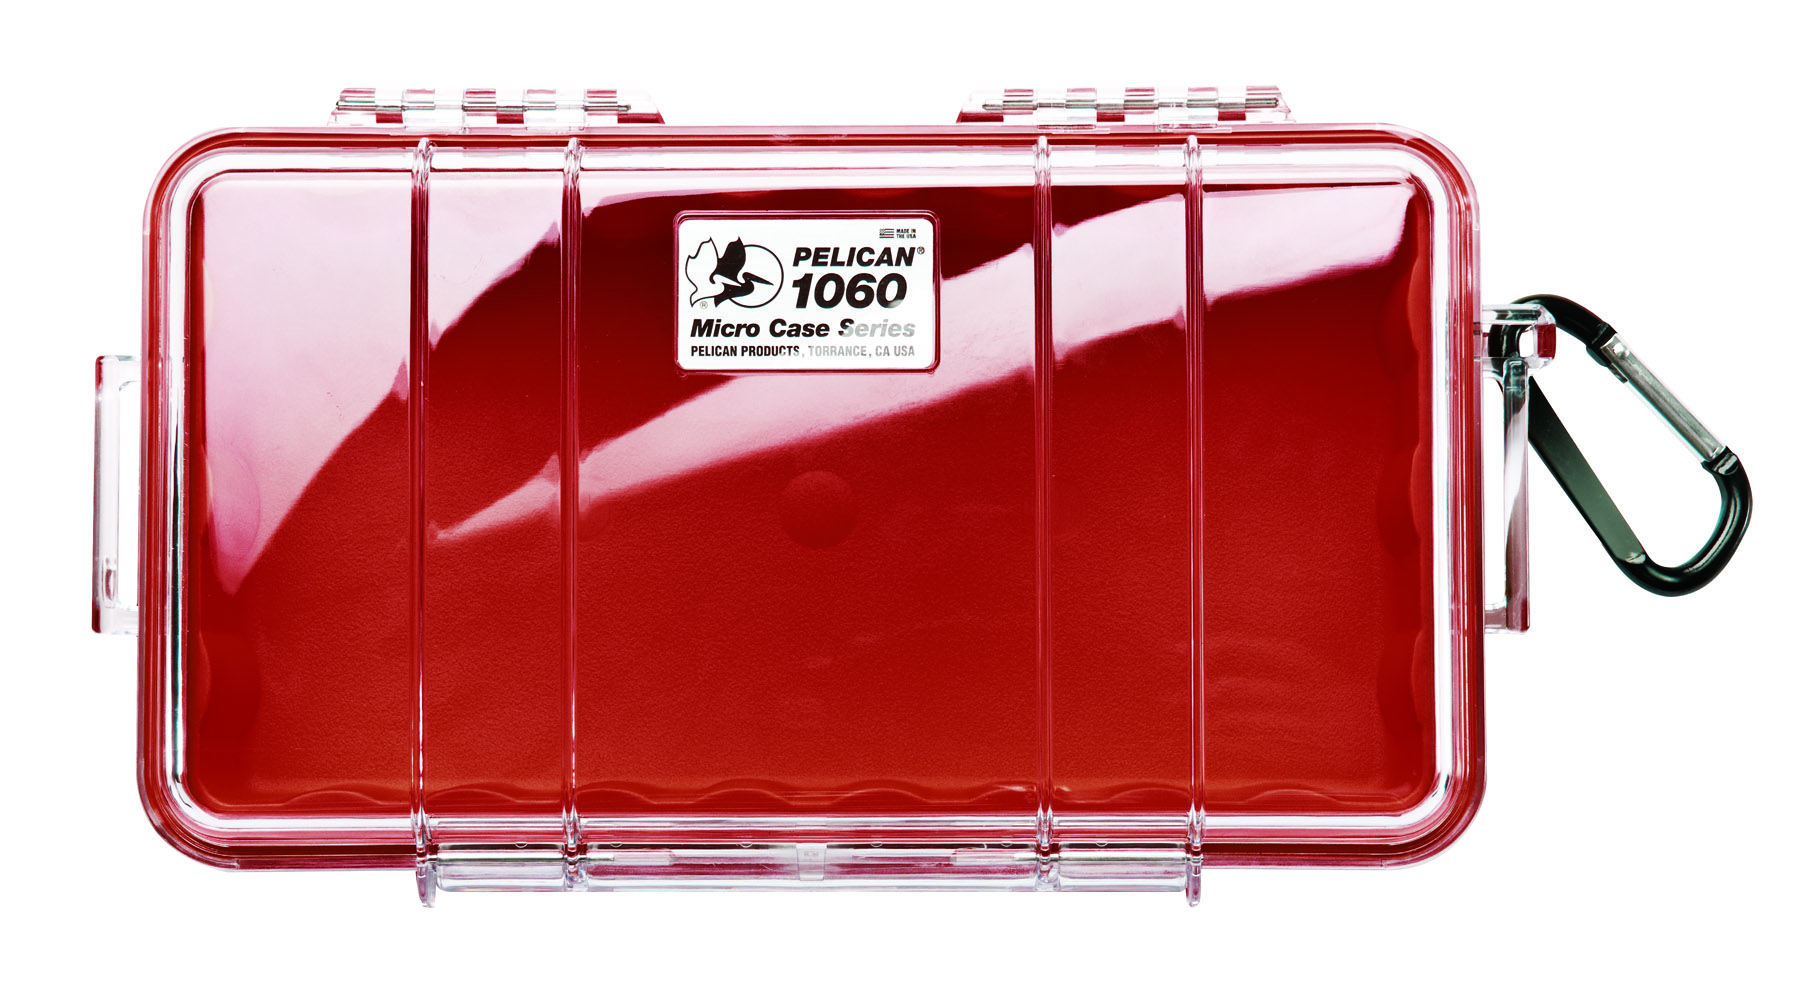 1060 - 1060 Micro Case